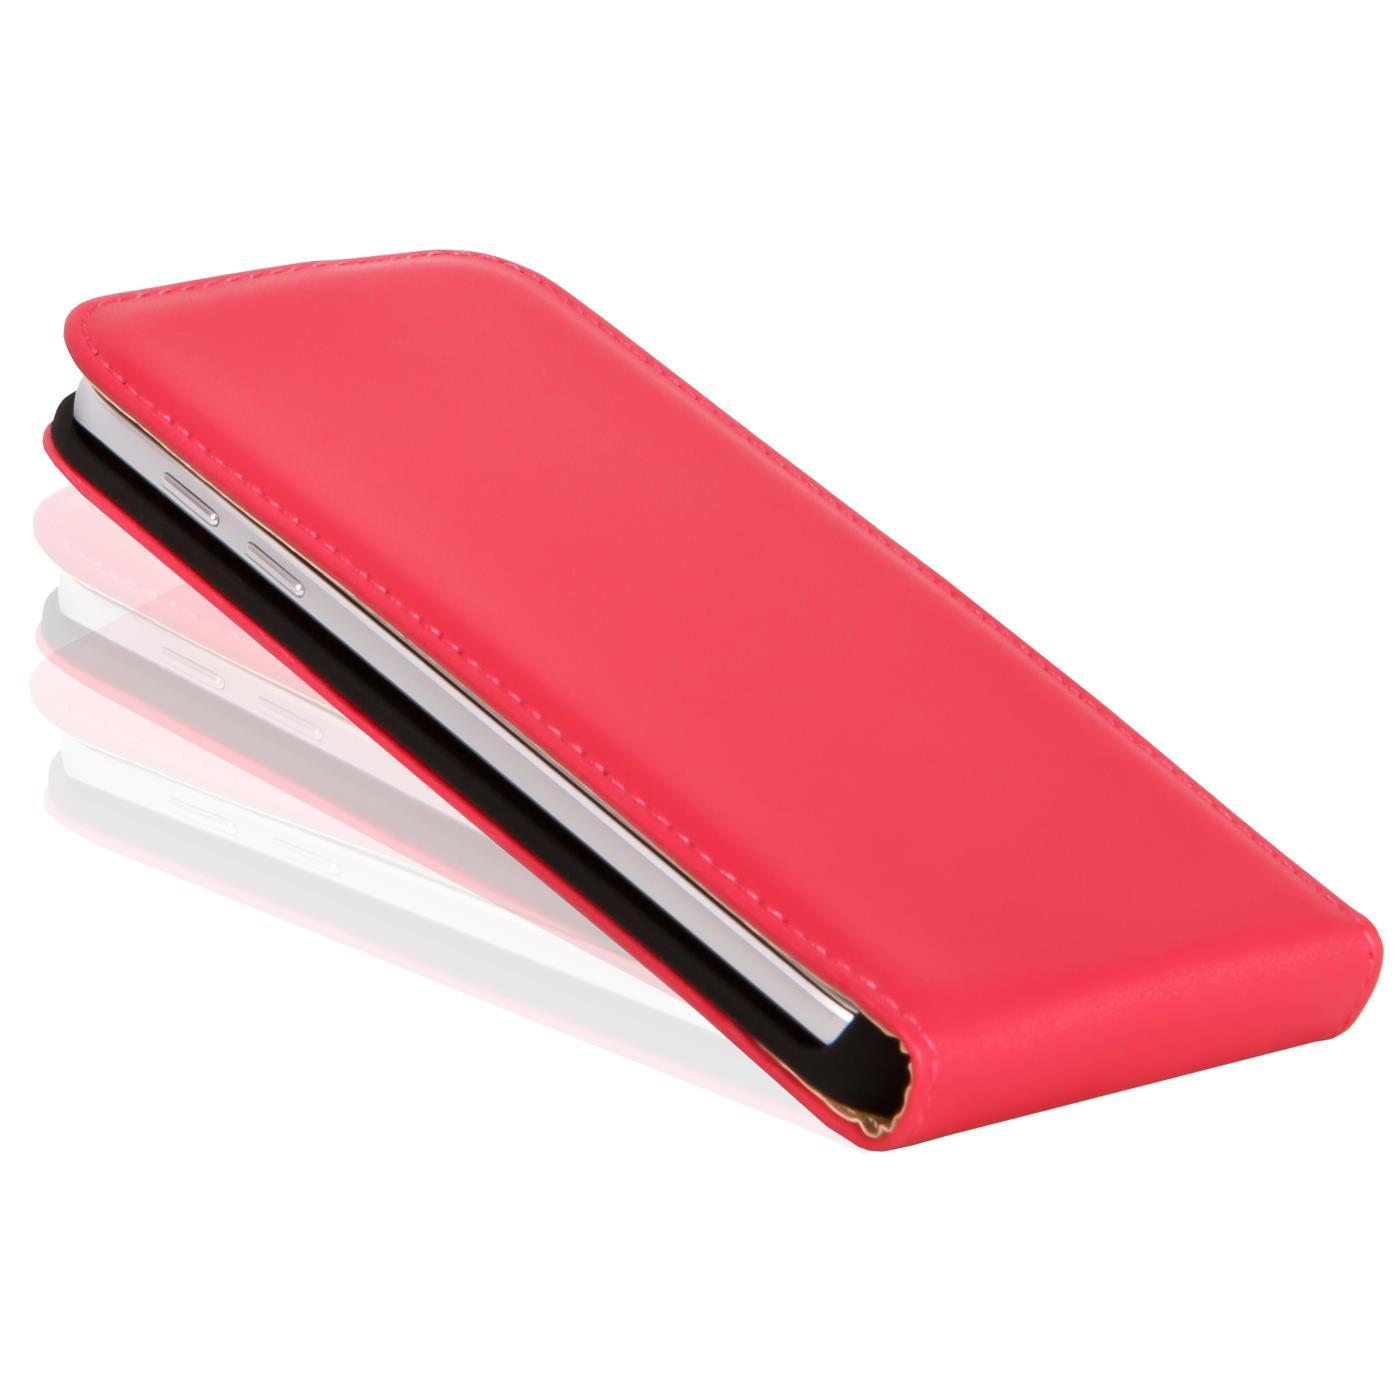 Klapphuelle-Samsung-Galaxy-Flip-Case-Tasche-Schutzhuelle-Cover-Schutz-Handy-Huelle Indexbild 31